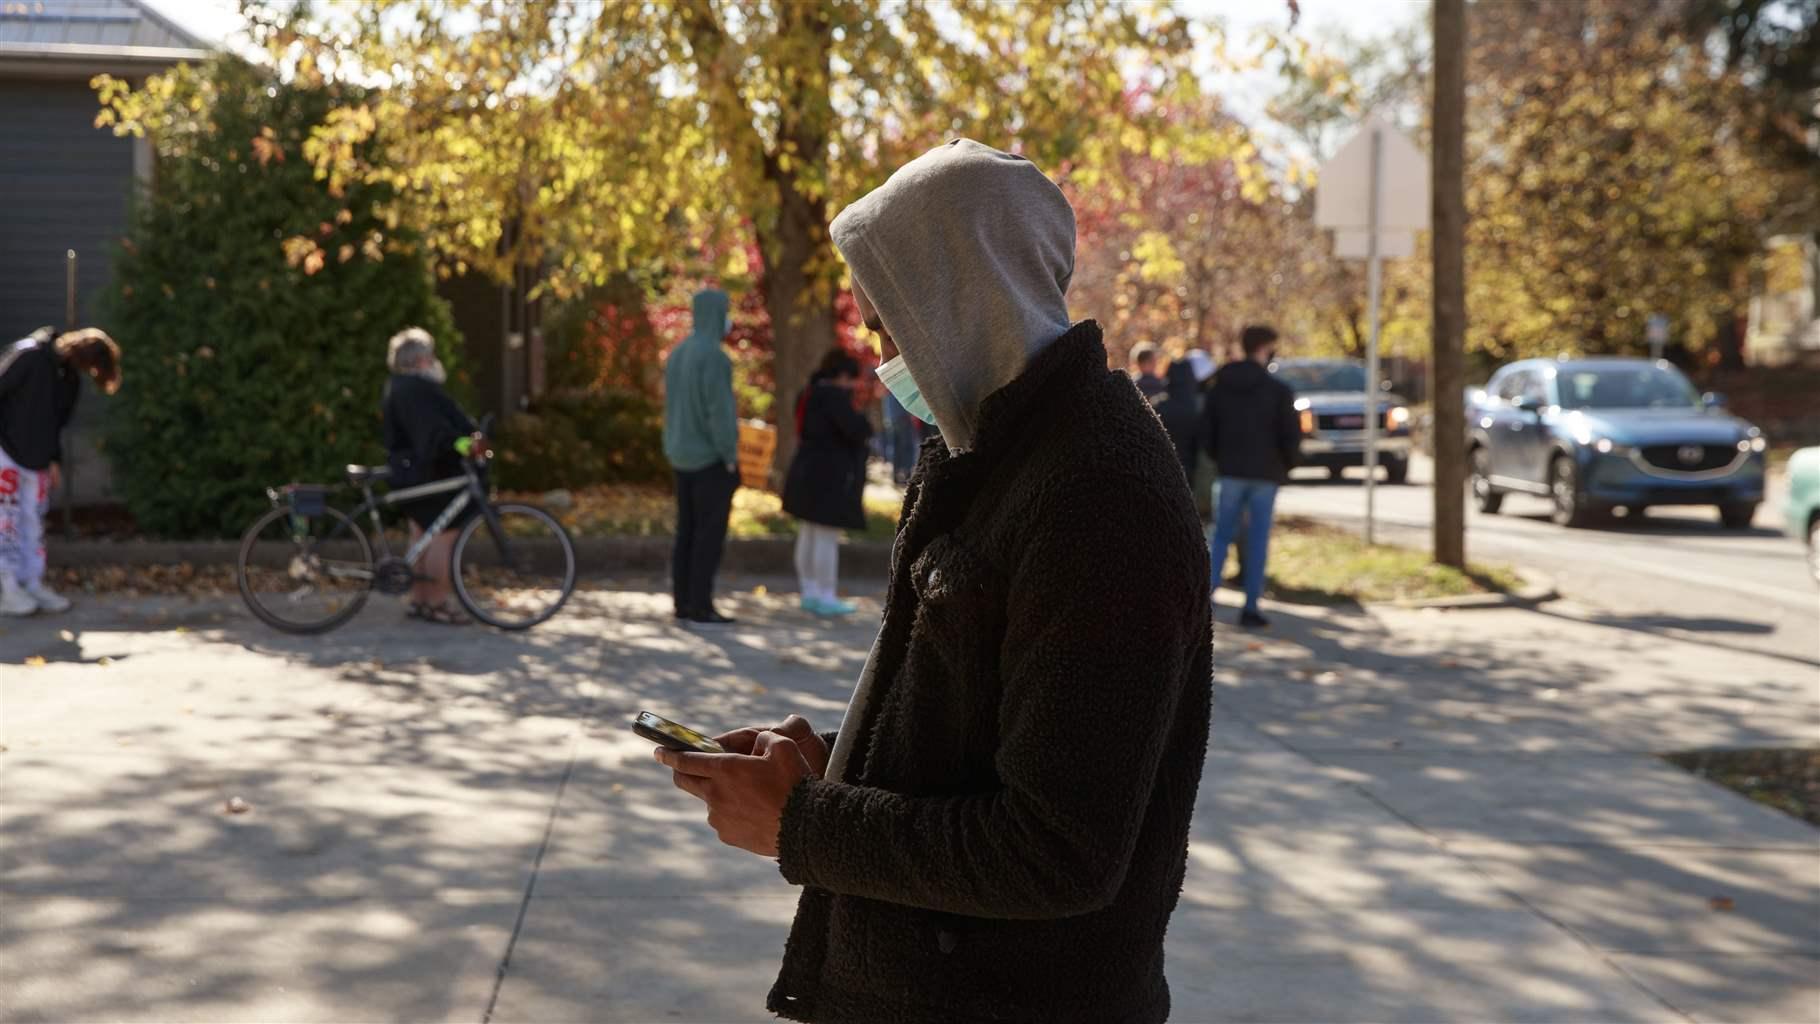 Despite security concerns, online voting advances...